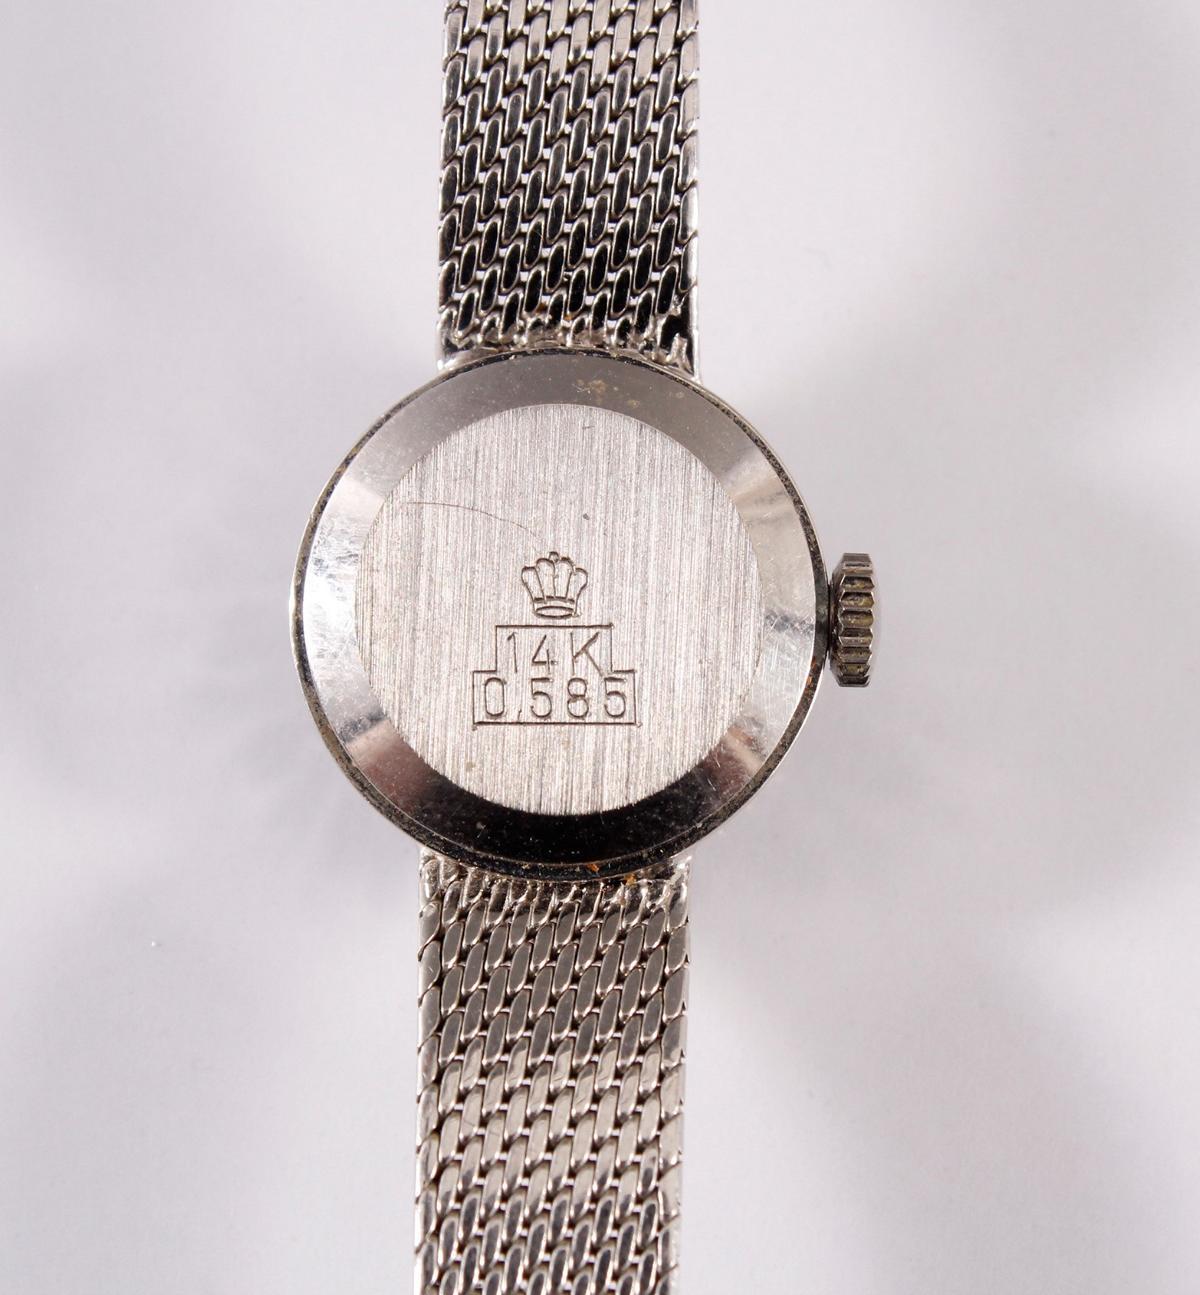 Damenarmbanduhr der Marke Beha mit Diamantkranz, 14 kt Weißgold-5